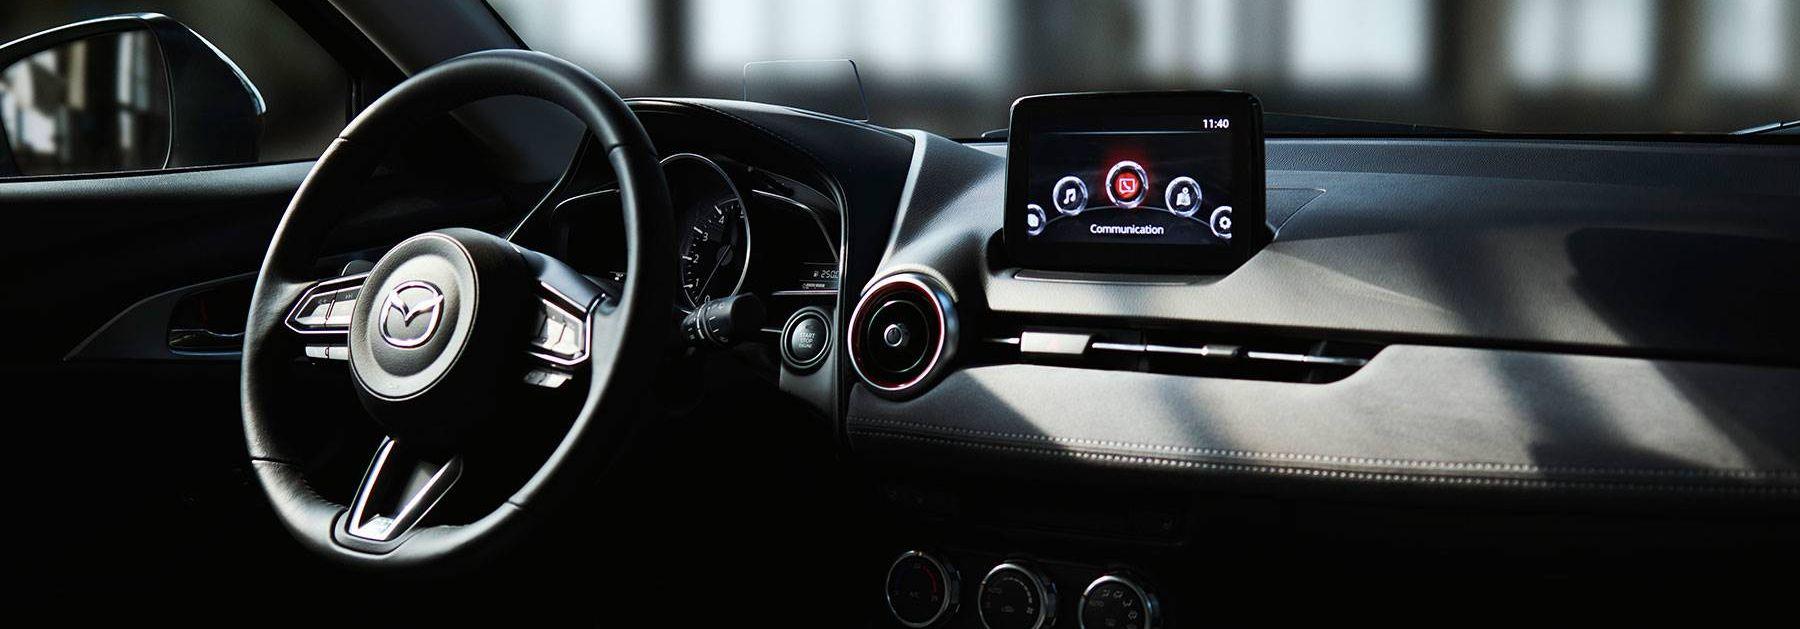 Tech-Loaded Interior of the 2019 Mazda CX-3